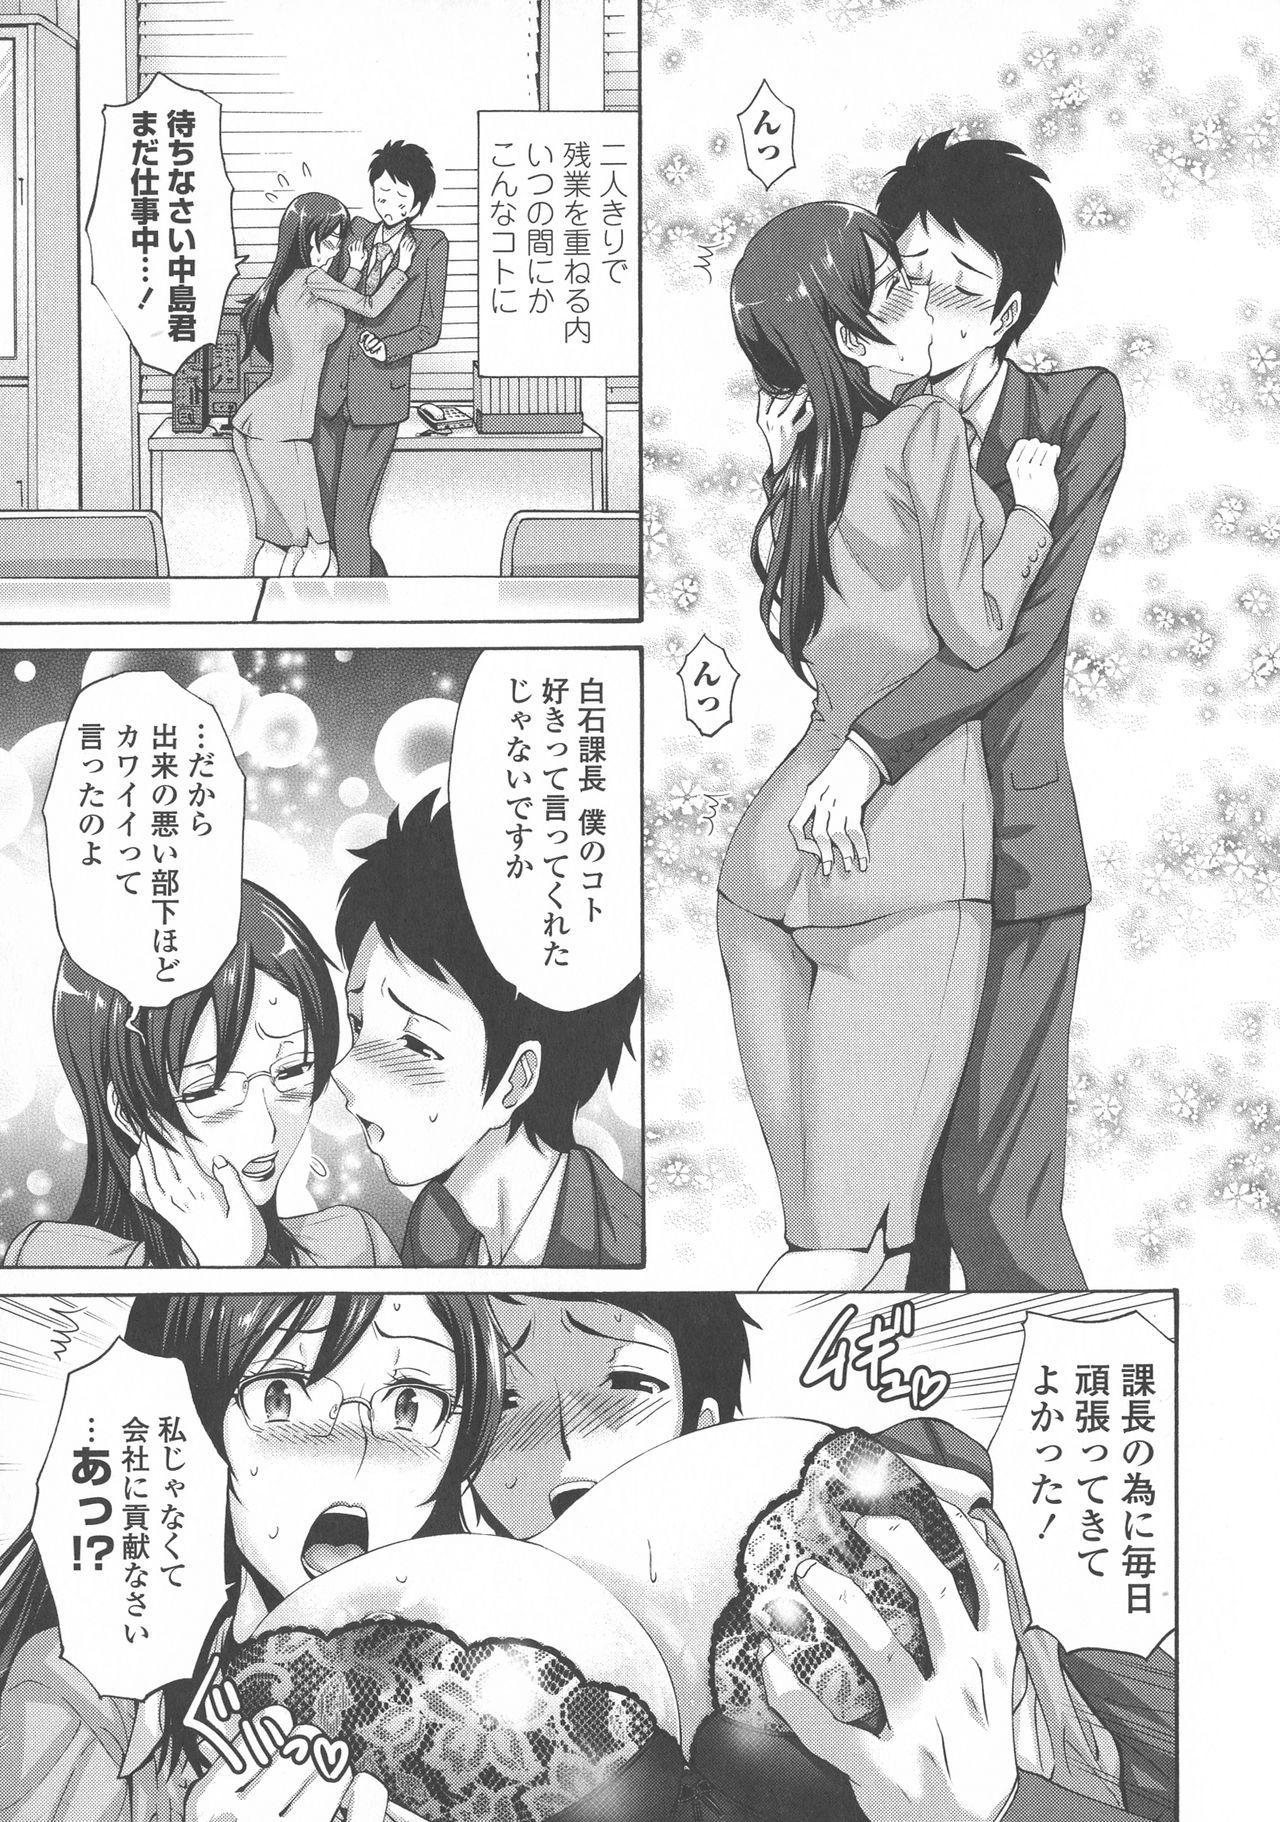 Tomodachi no Haha wa Boku no Mono - His Mother is My Love Hole 215